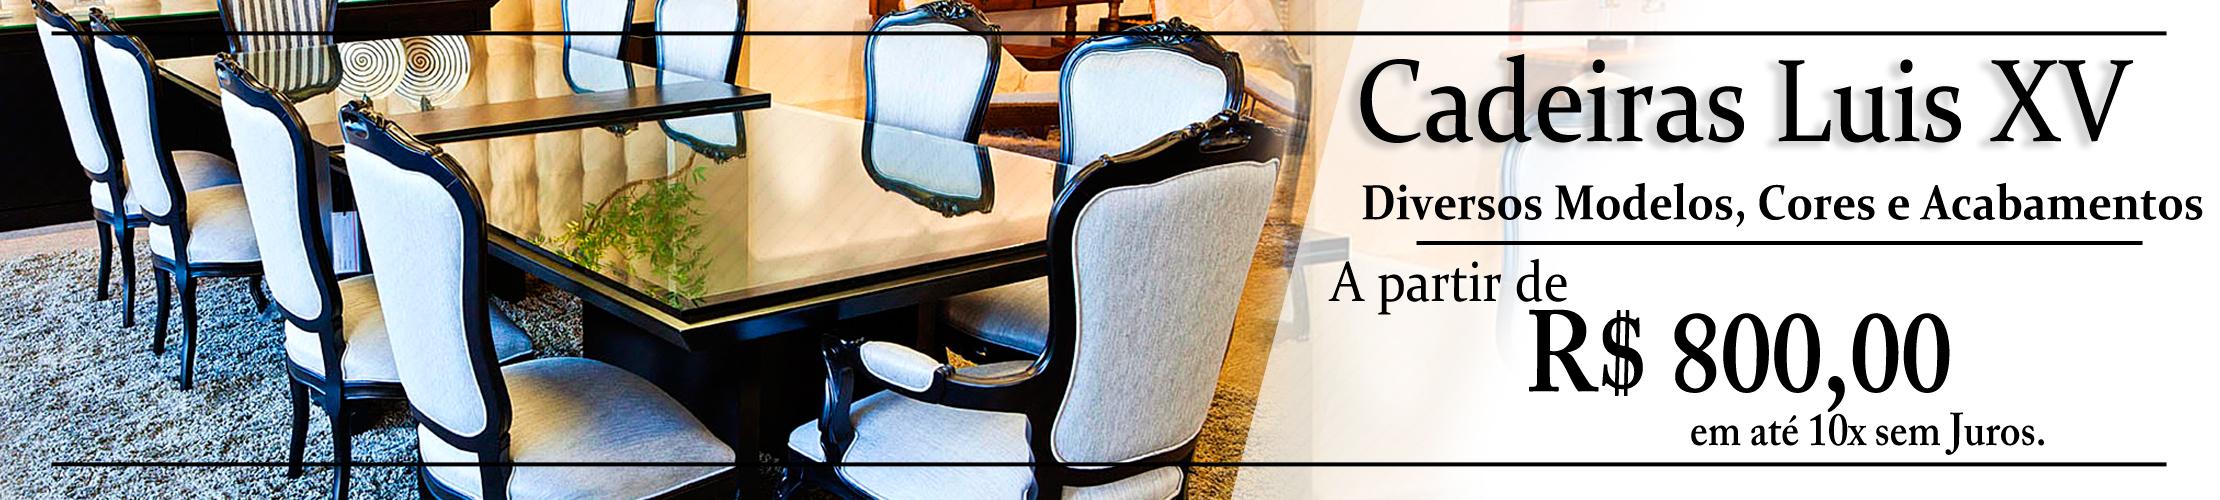 03-2018 Cadeiras Luis XV